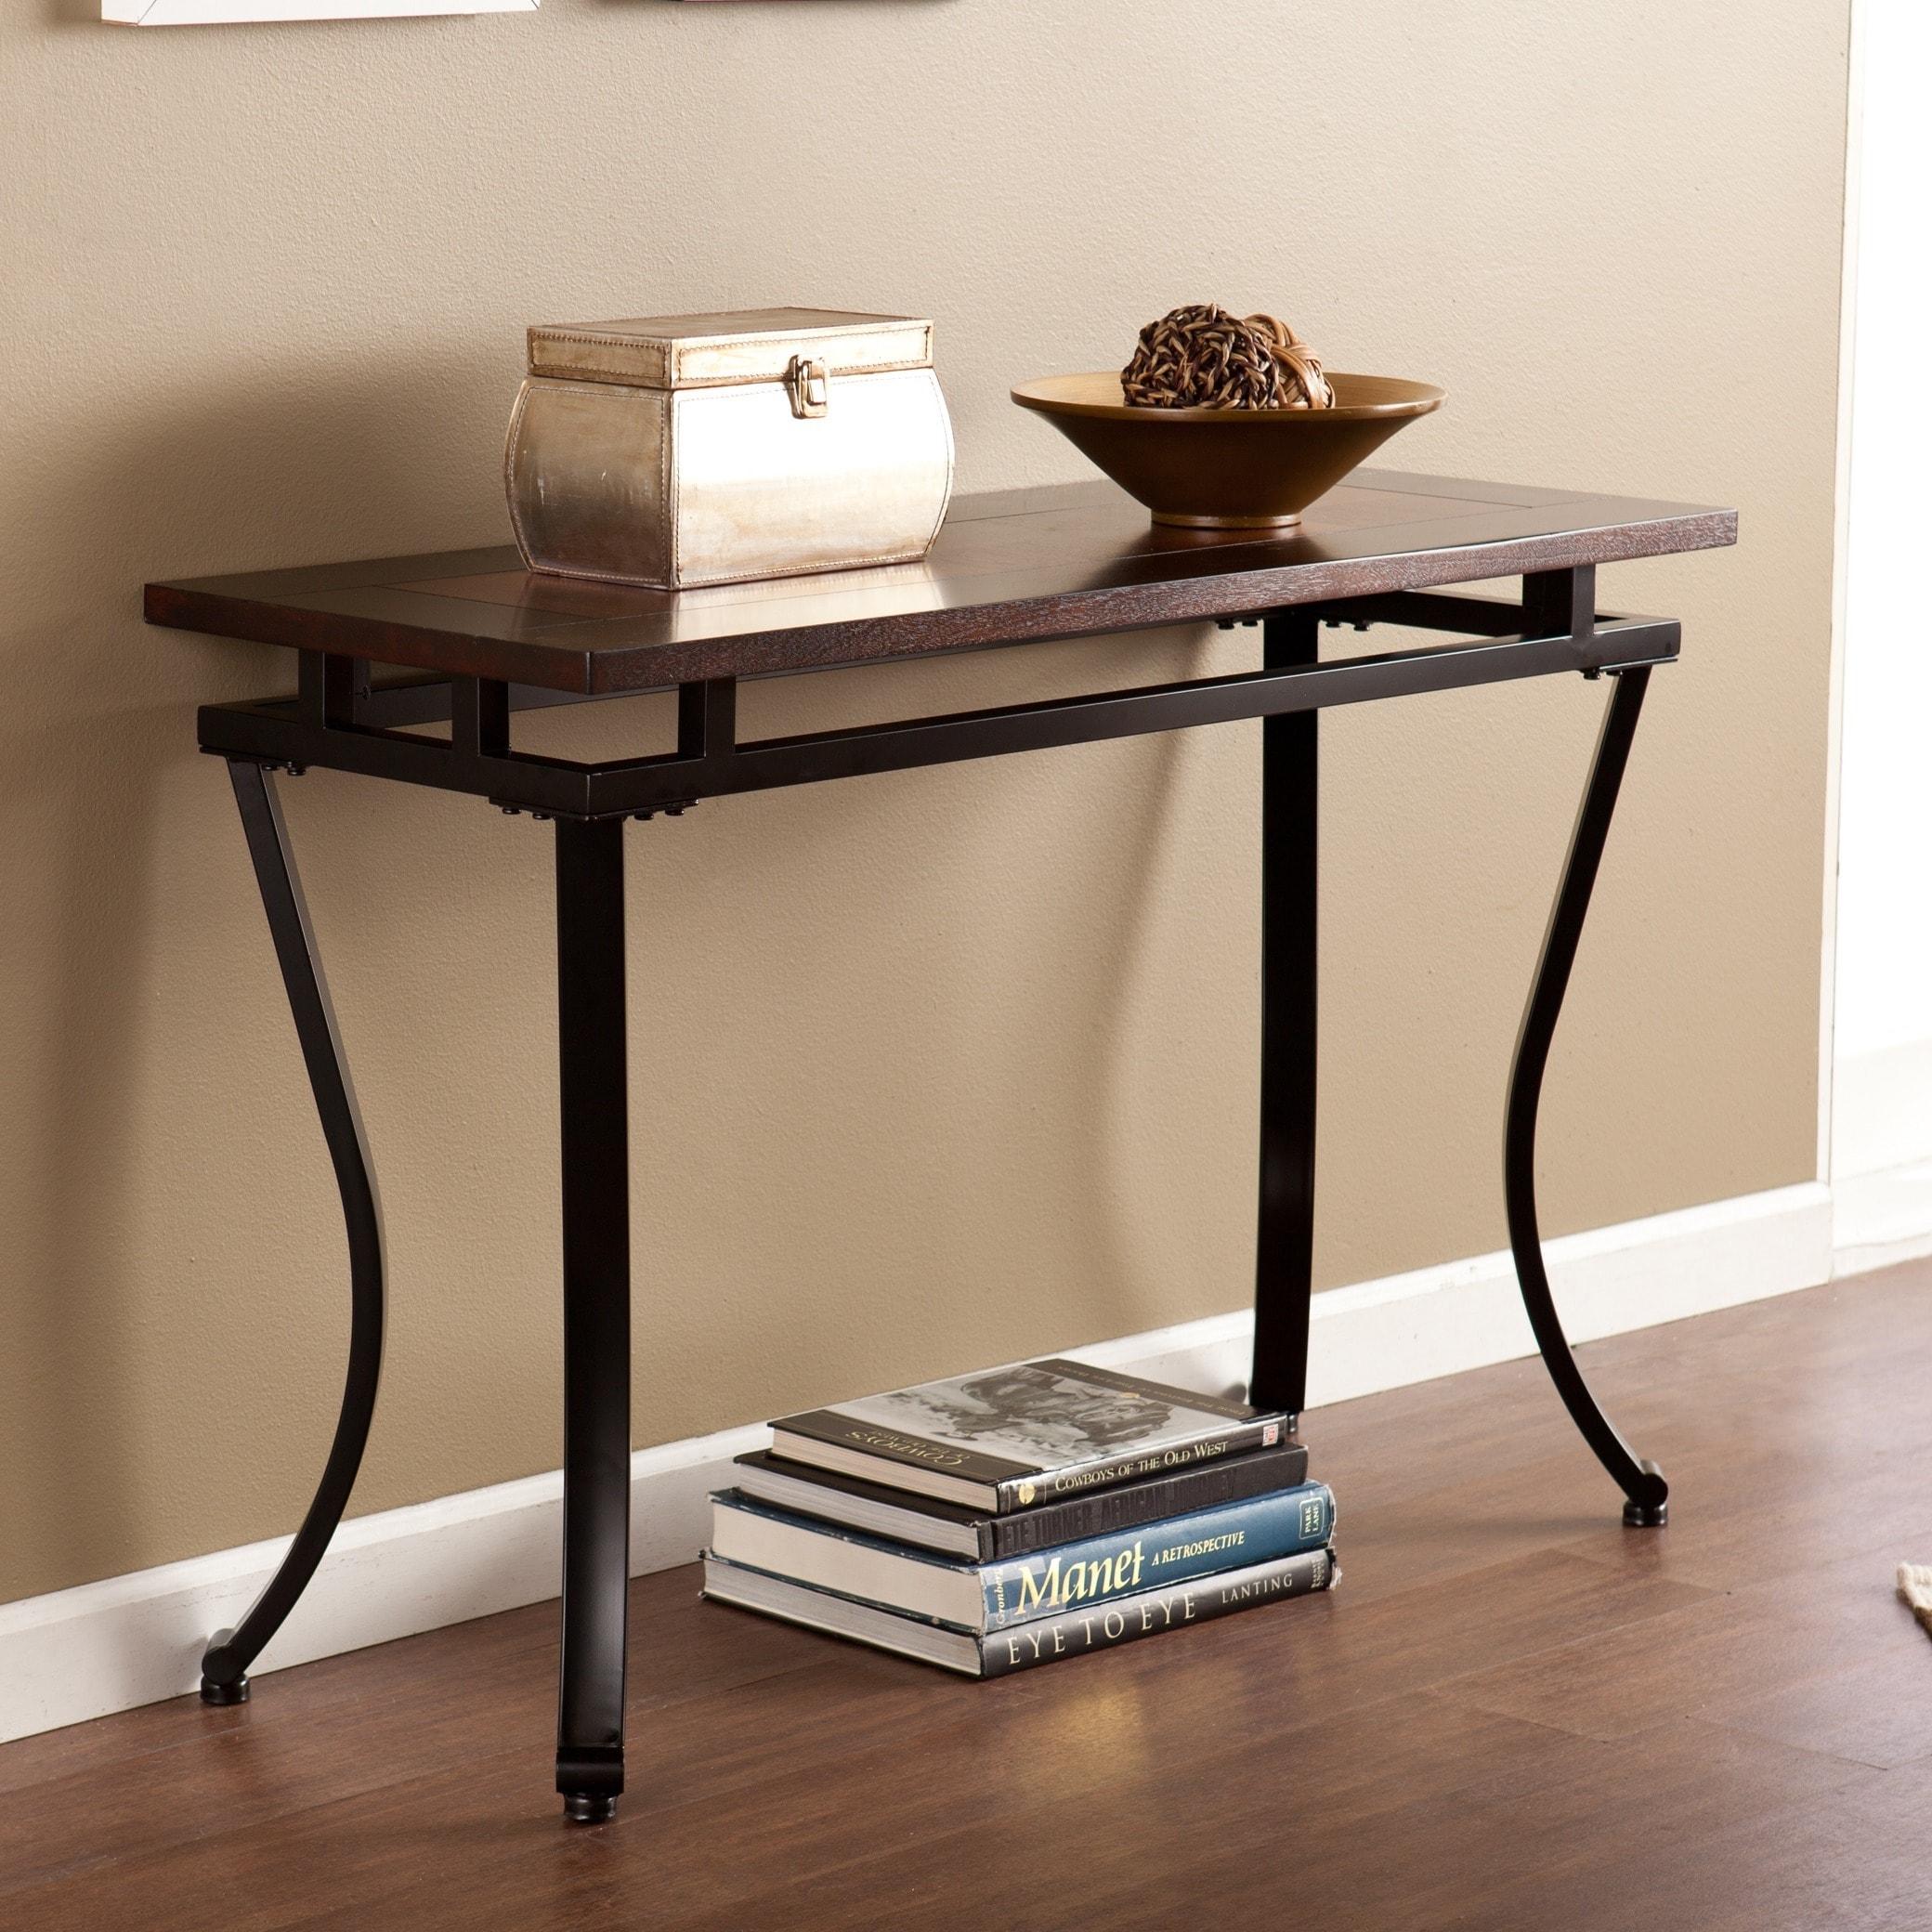 Clay Alder Home Hi-Line Cornell Sofa Table